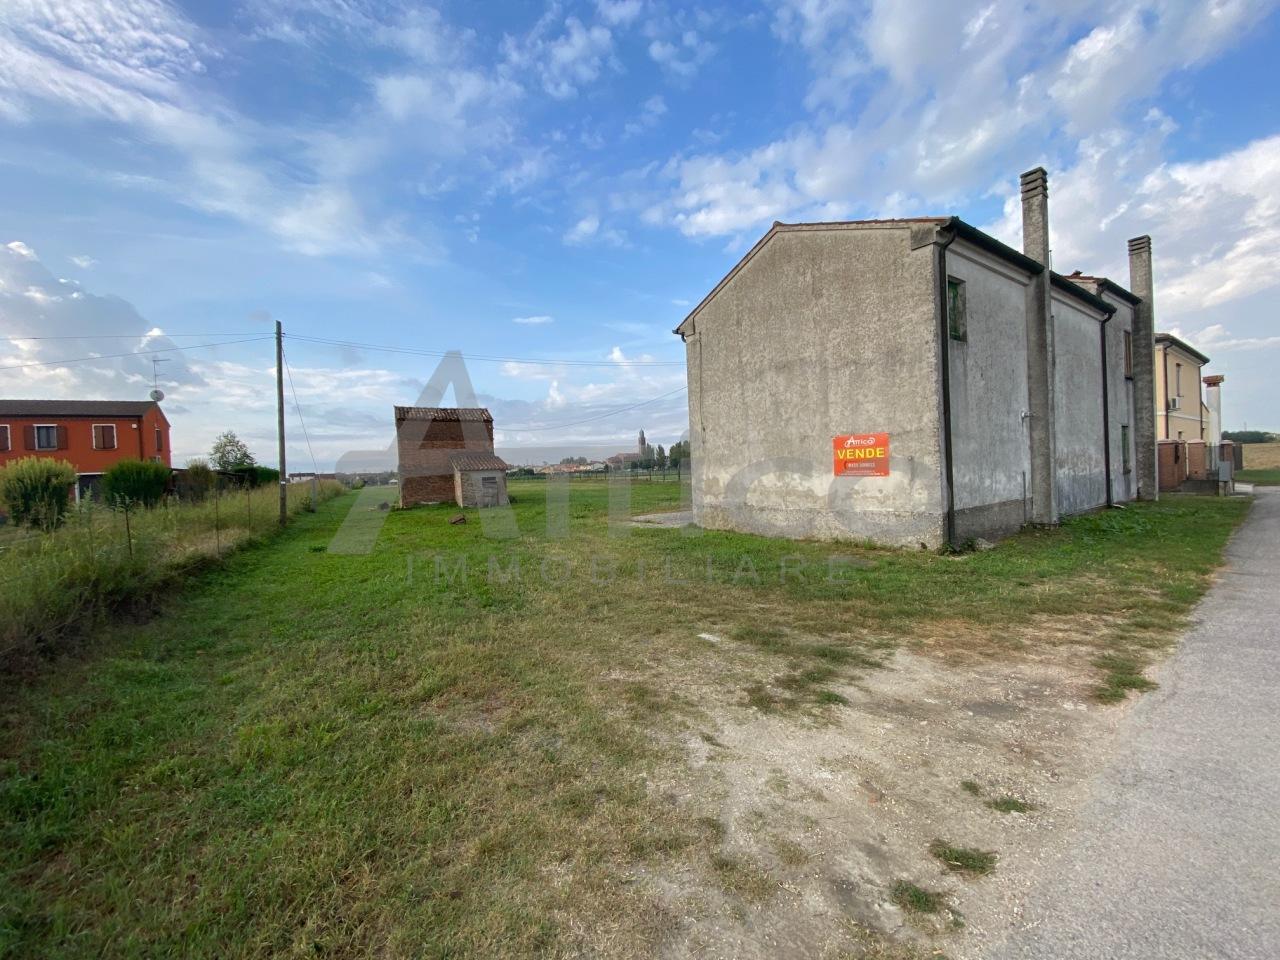 Terreno Agricolo in vendita a Pontecchio Polesine, 1 locali, prezzo € 89.000   CambioCasa.it